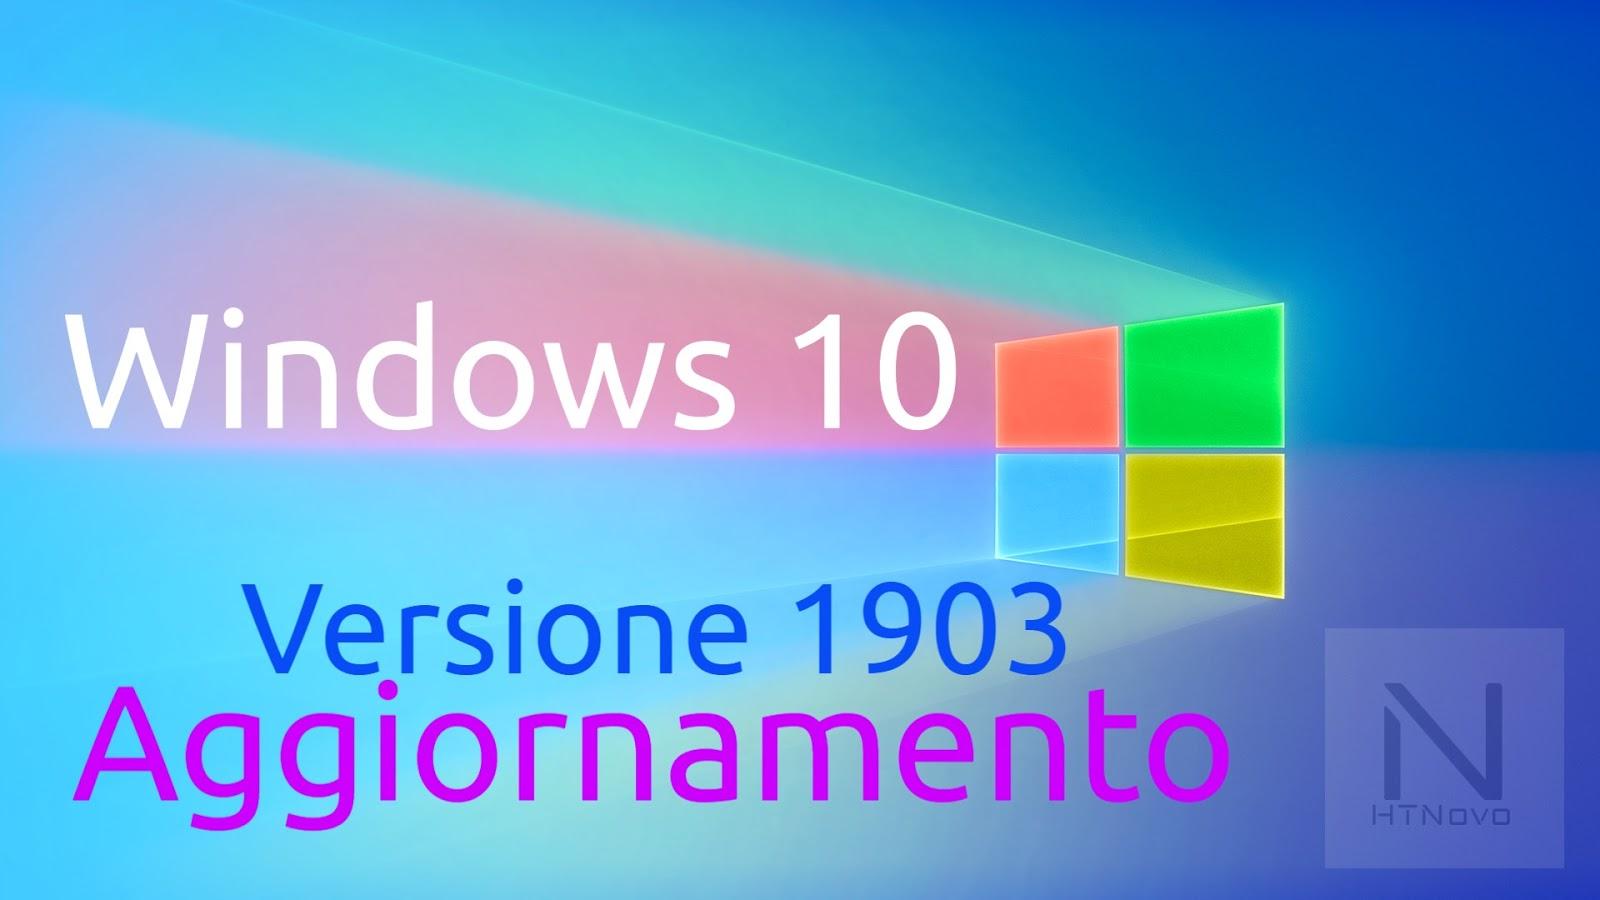 Aggiornamento-windows-10-1903-build-18362.267